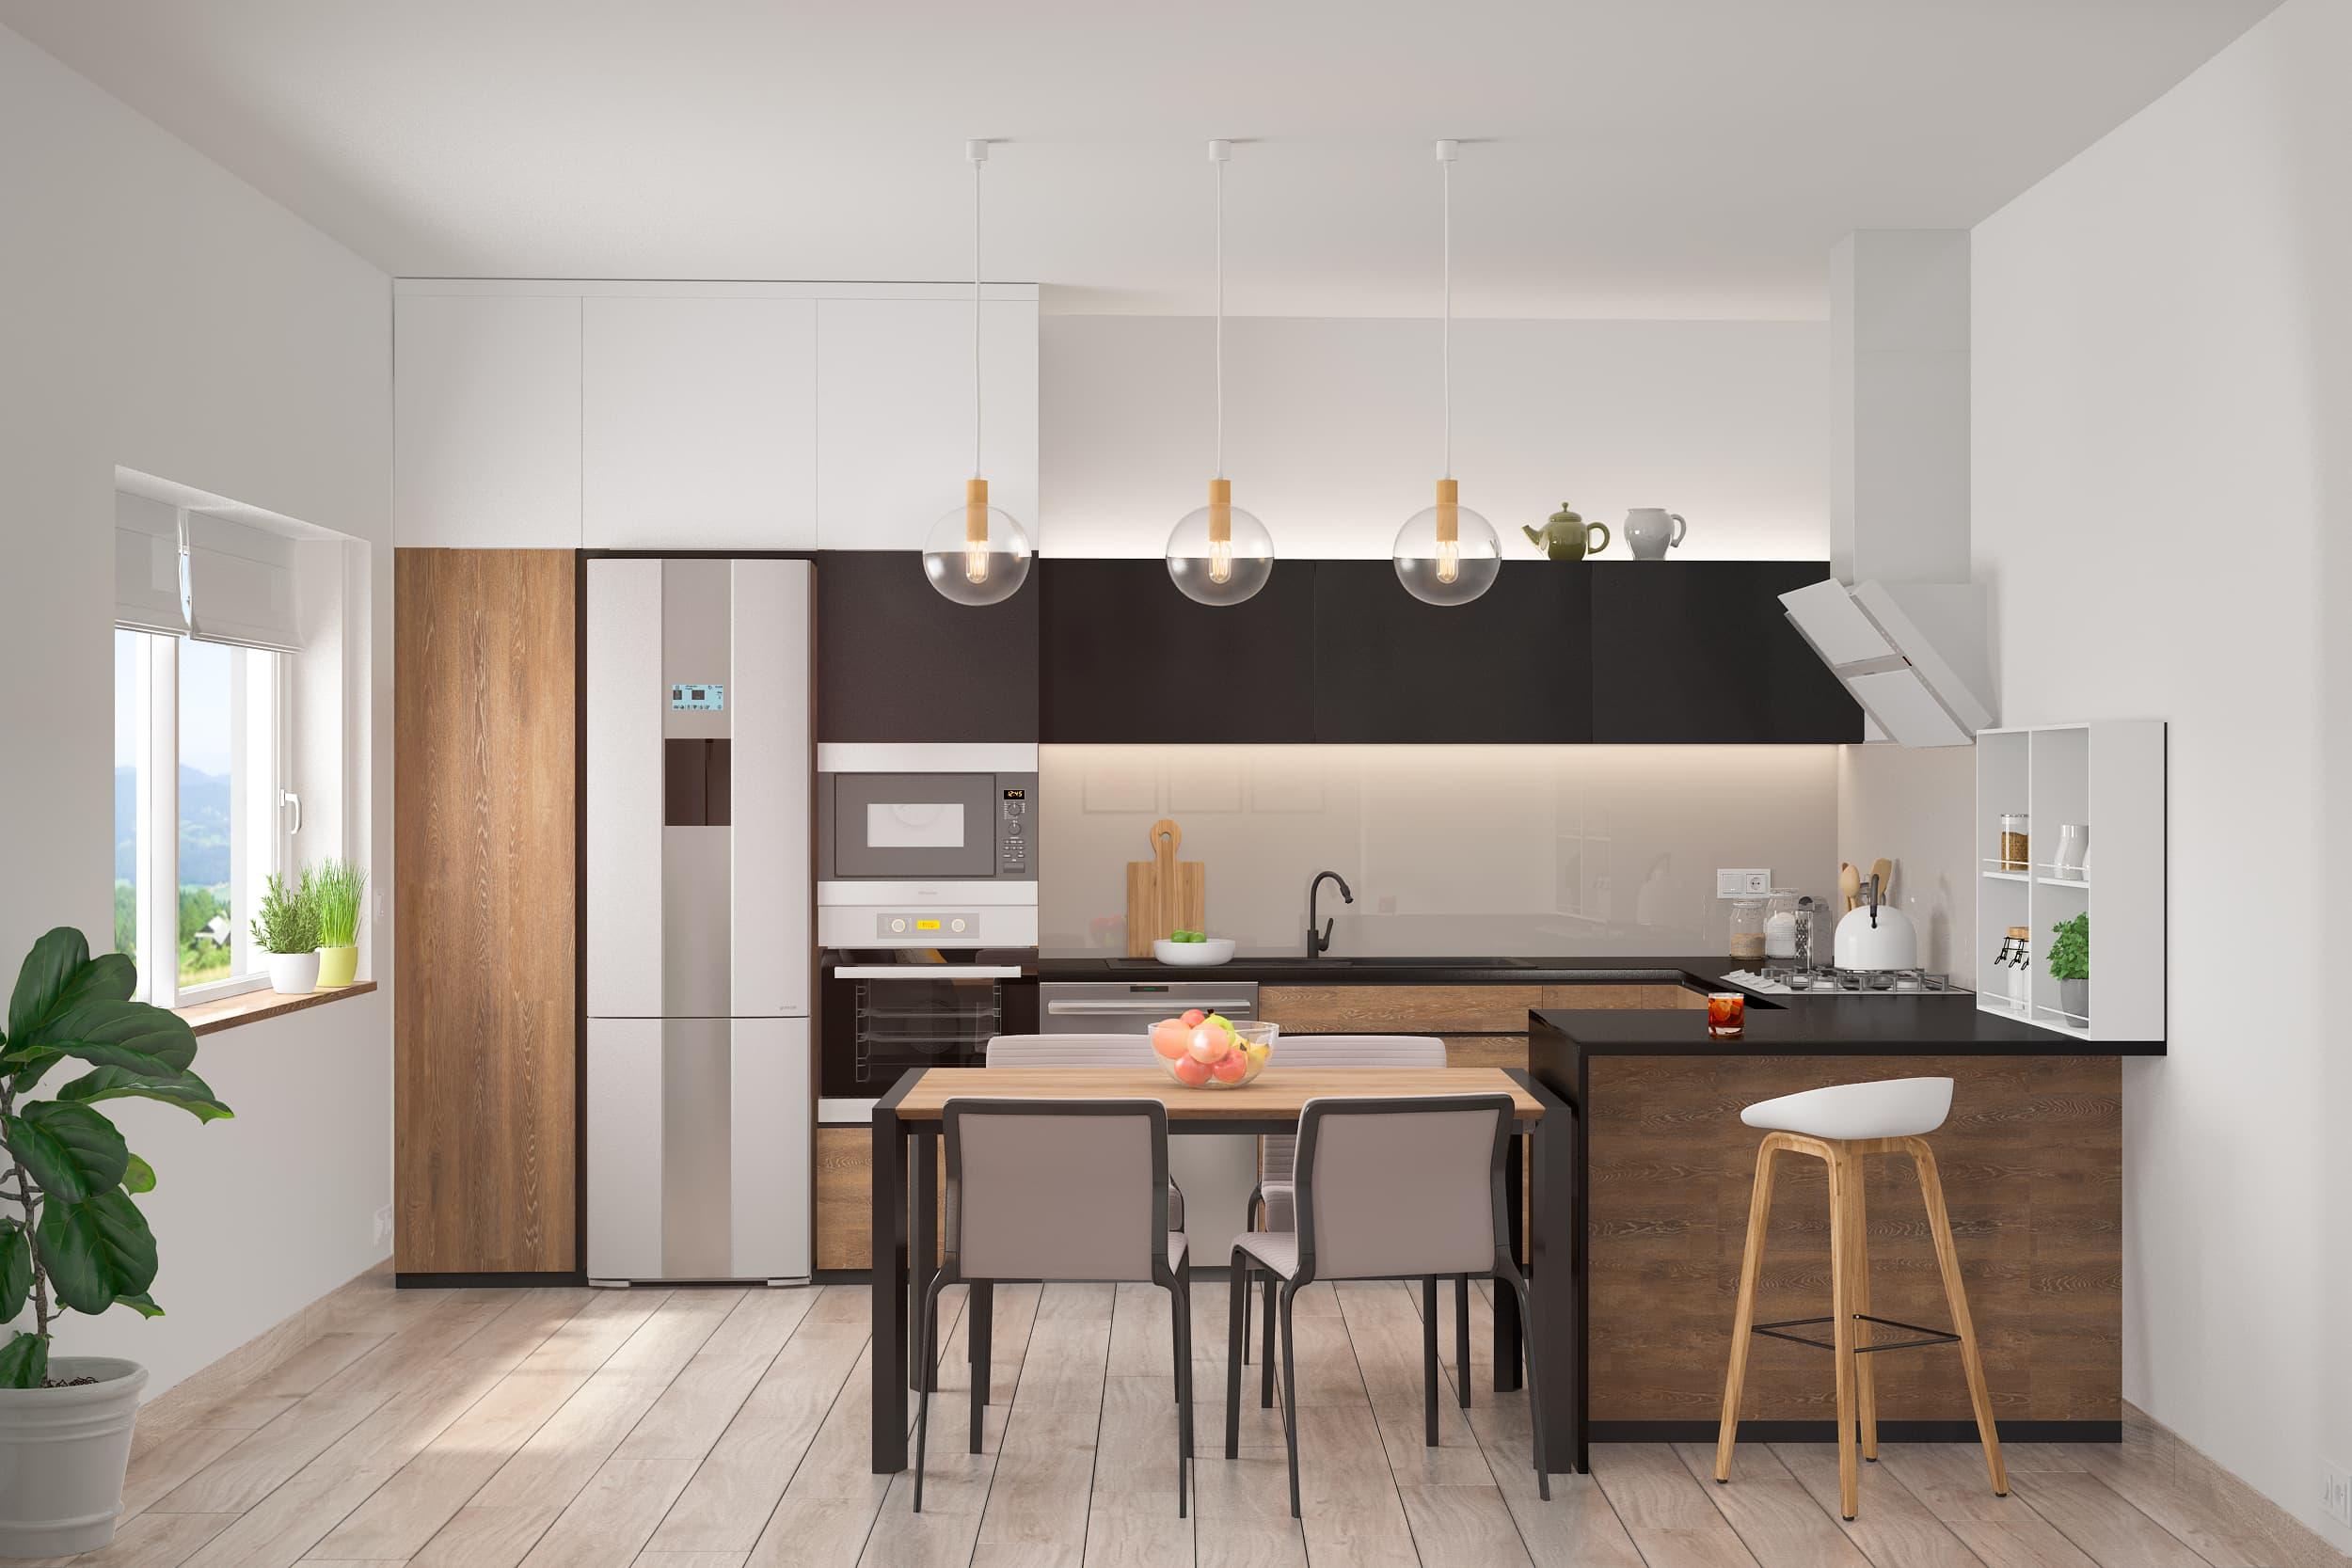 Accostamenti In Cucina appartamento gp | interior & graphic designer | phlox design